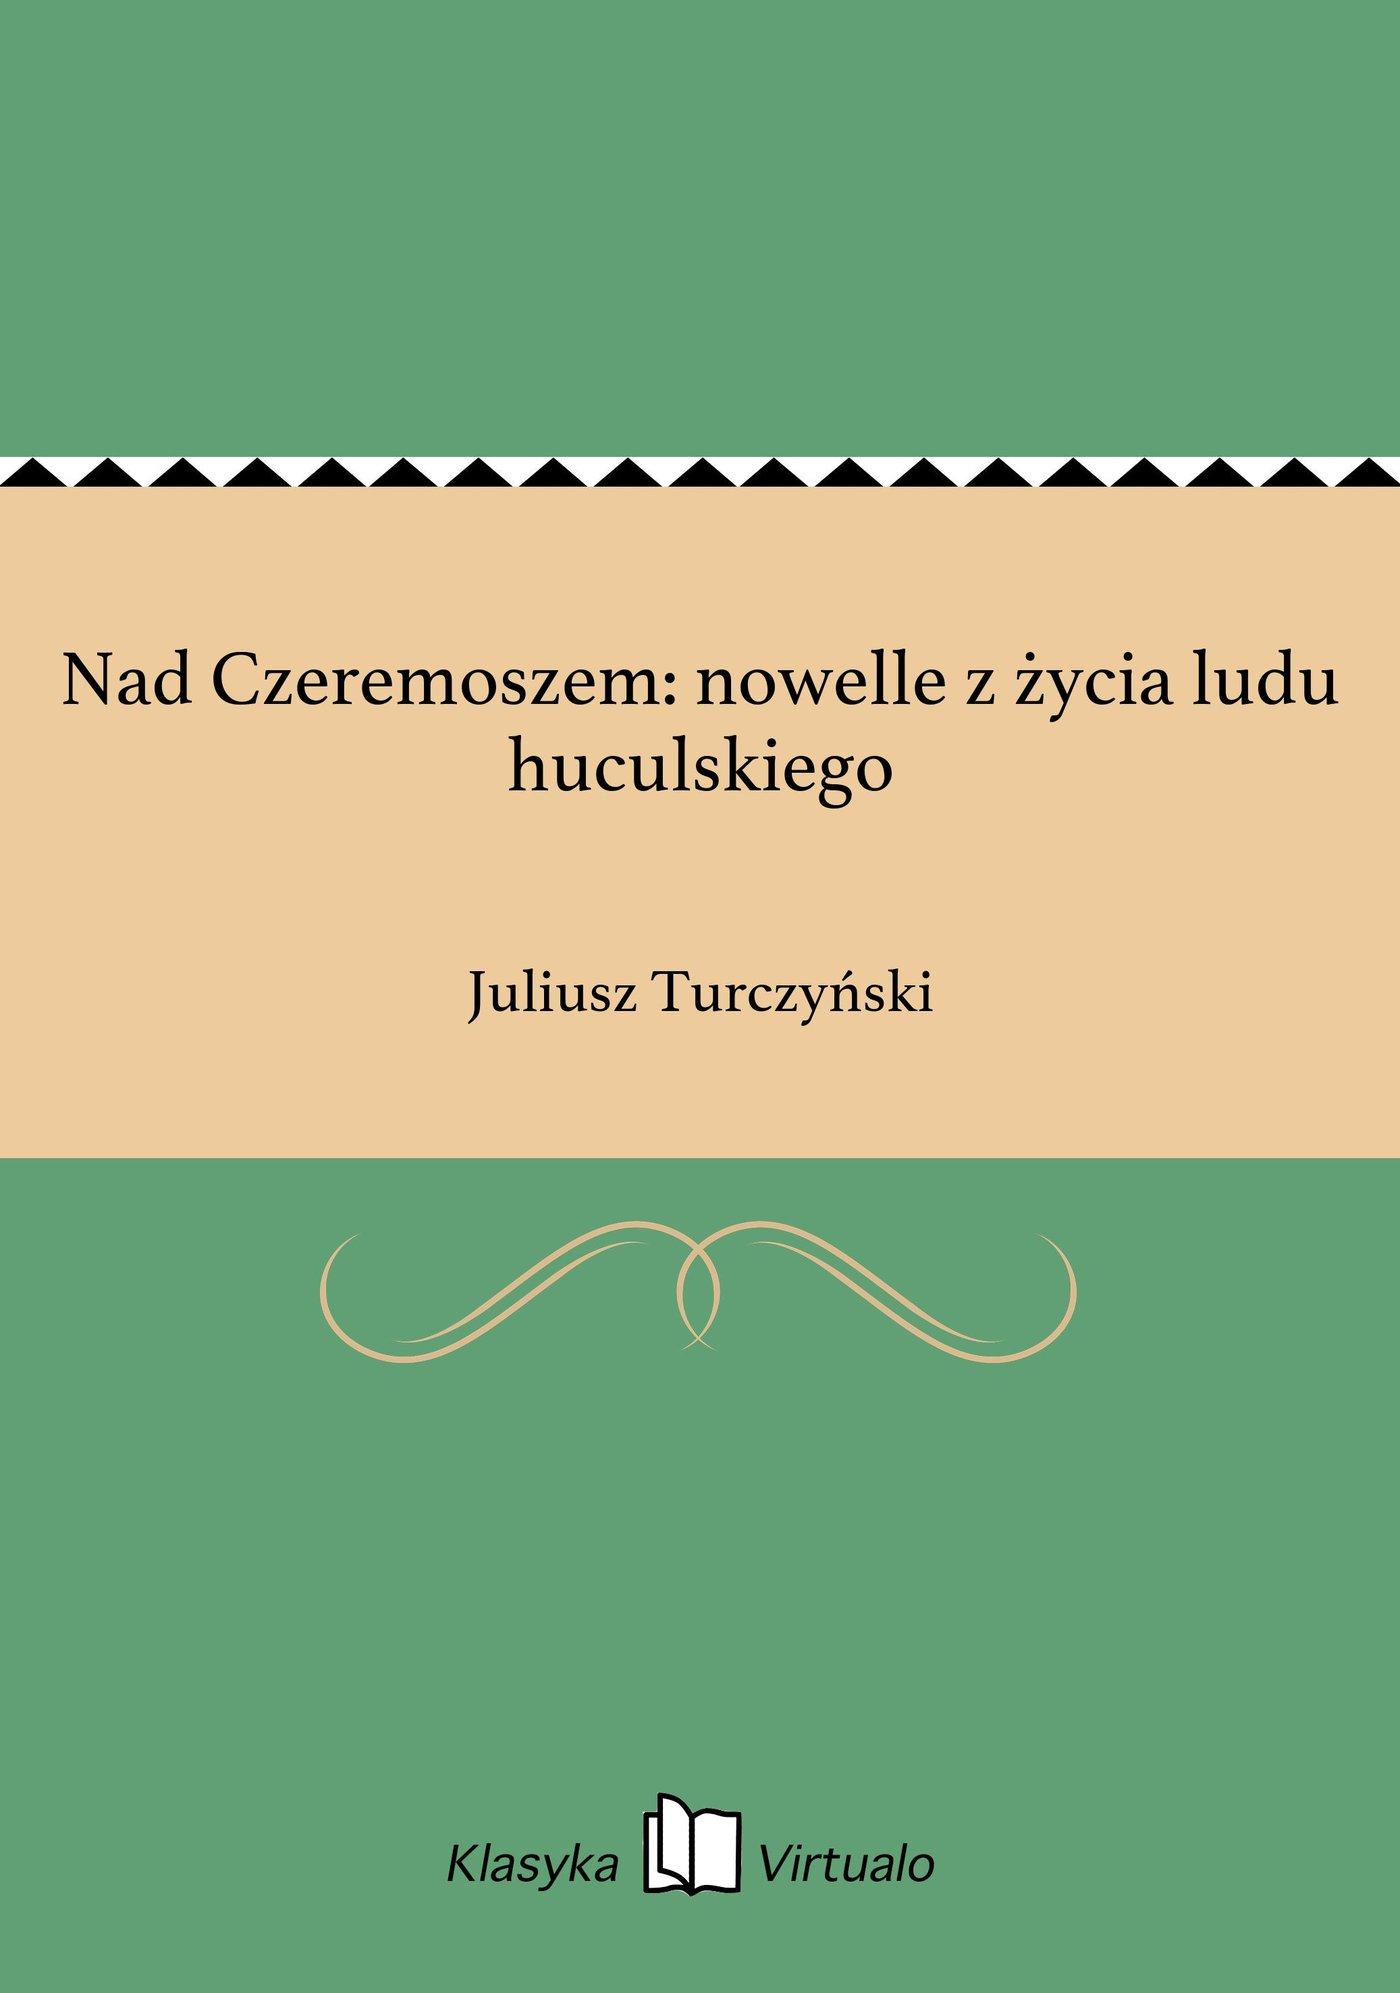 Nad Czeremoszem: nowelle z życia ludu huculskiego - Ebook (Książka EPUB) do pobrania w formacie EPUB